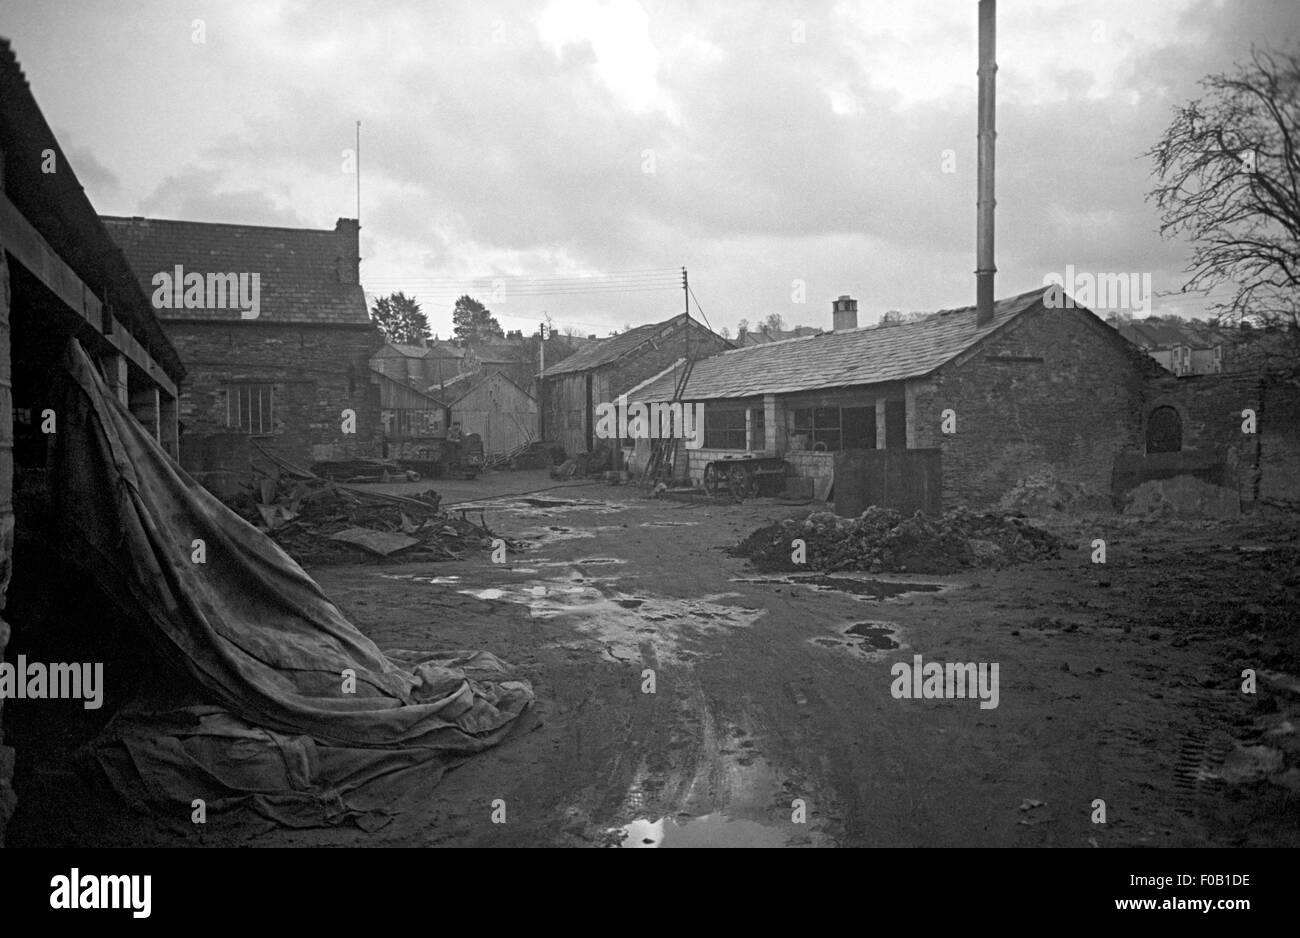 A scrap metal yard - Stock Image